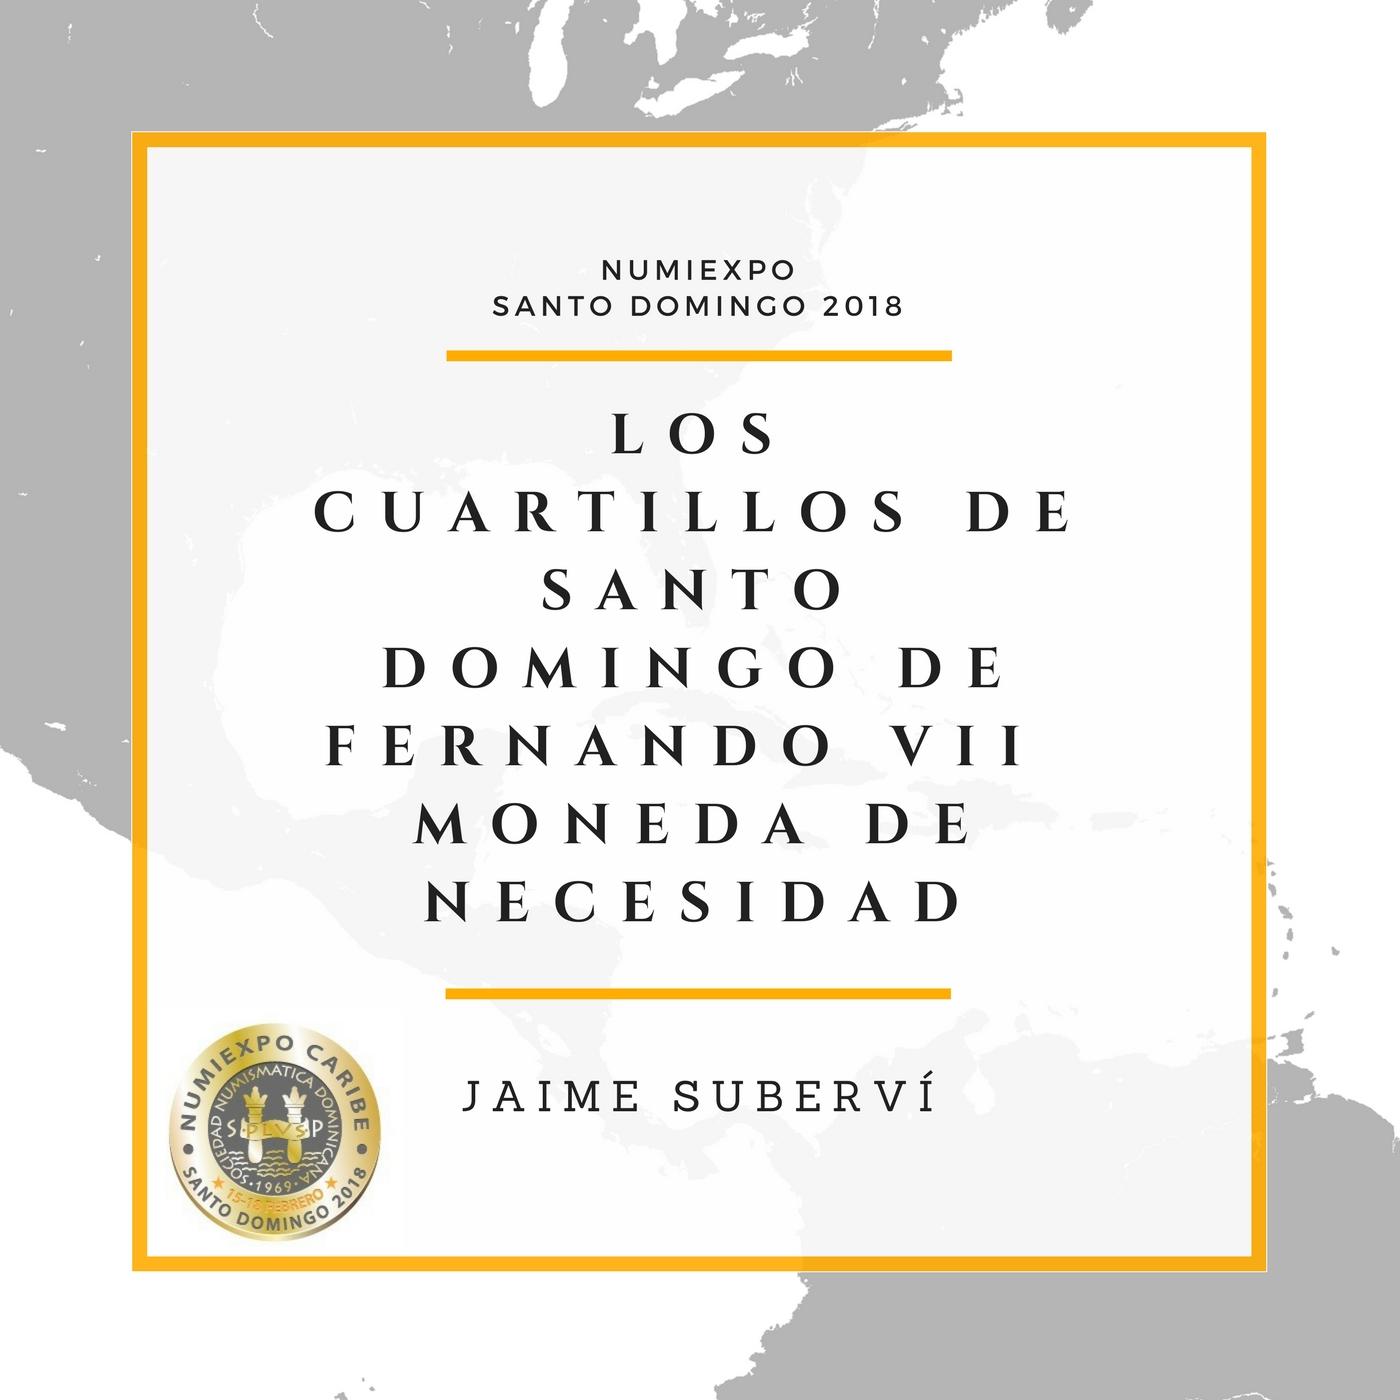 LOS CUARTILLOS DE SANTO DOMINGO DE FERNANDO VII - MONEDA DE NECESIDAD